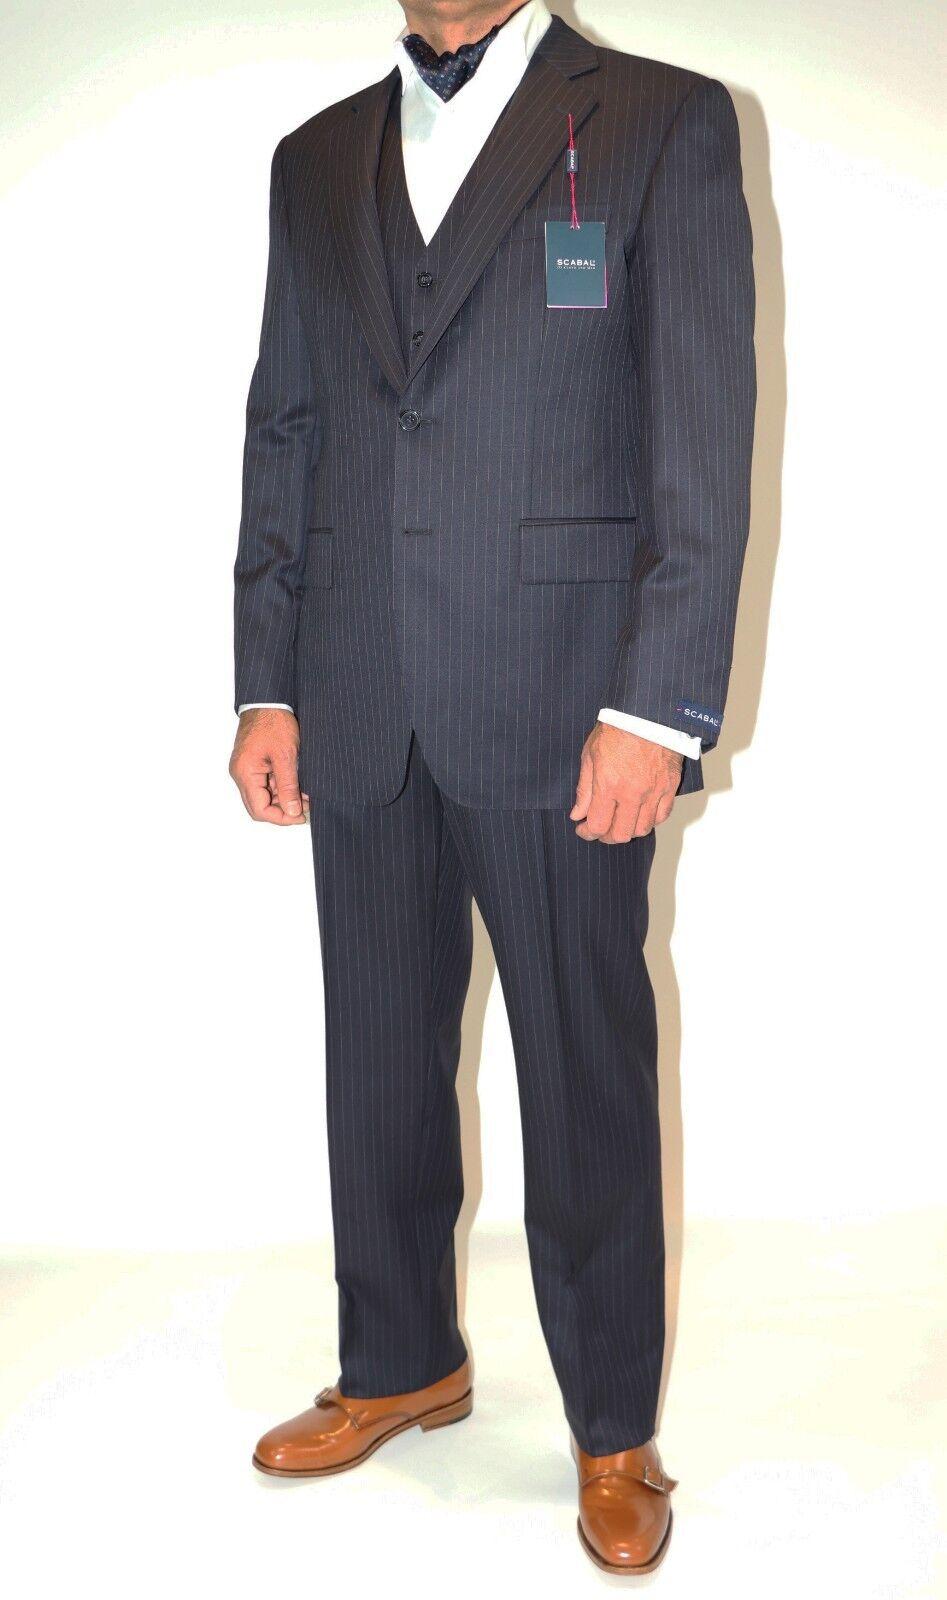 Neu  Anzug Herren Scabal 3-teilig Gr. 50 dunkelblau mit Nadelstreifen